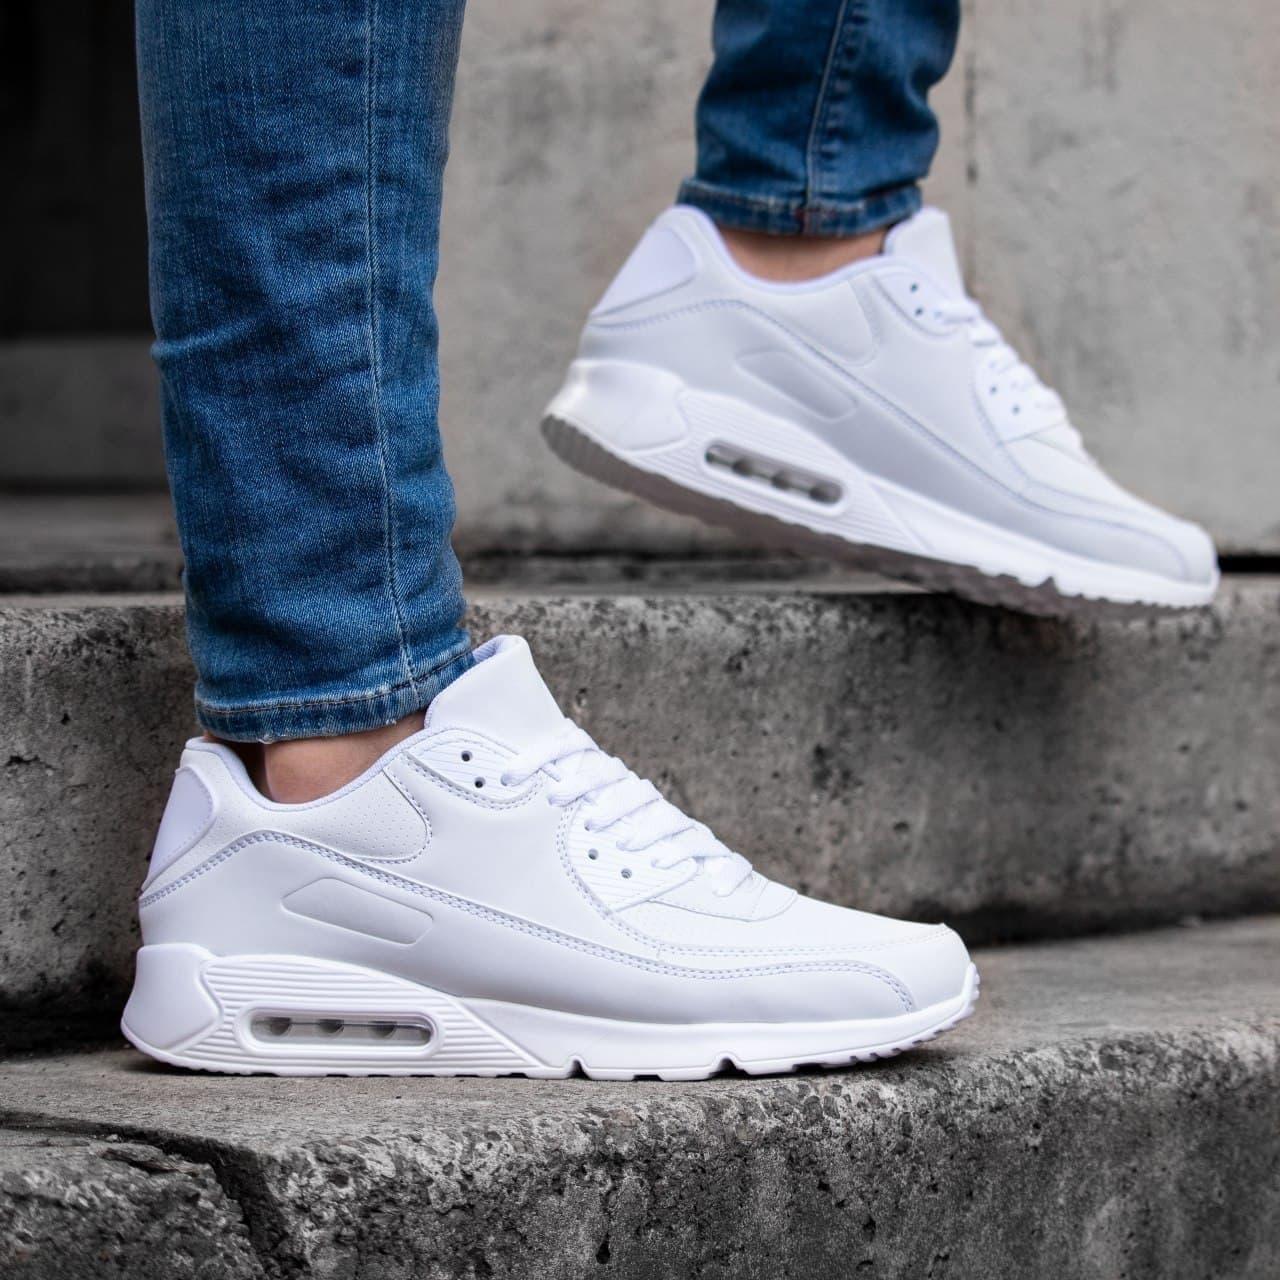 Мужские кроссовки белые в стиле Nk Air Max 90 обувь мужская демисезонная Размеры 40   41   42   43   44   45